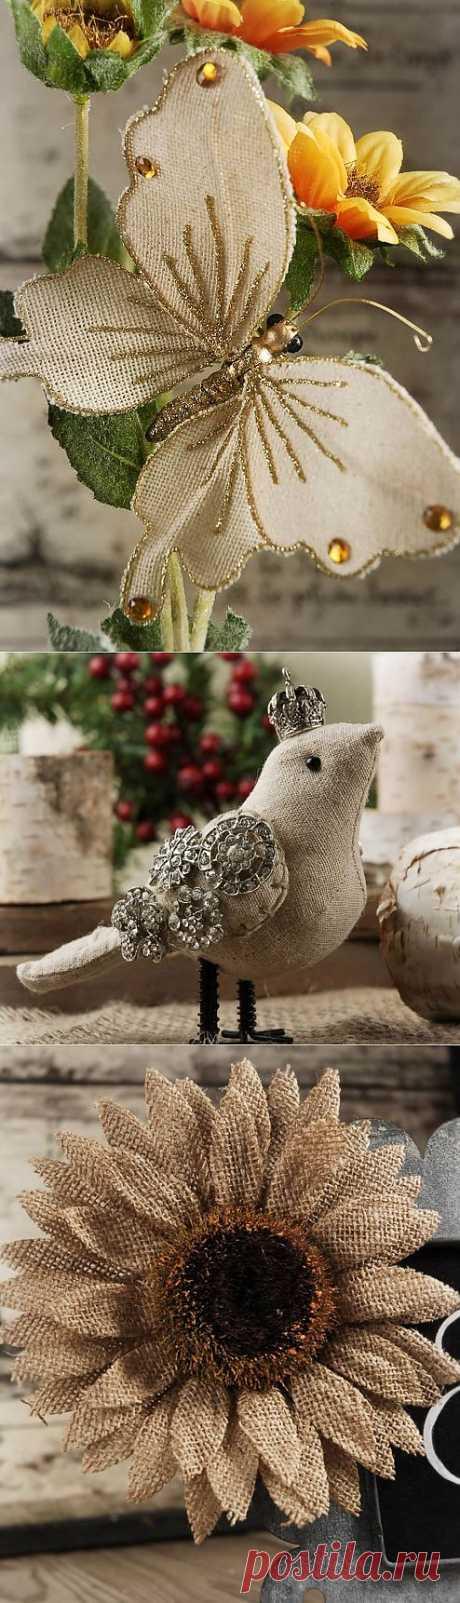 Любимая мешковина. ЦВЕТЫ и птички. Идеи для вдохновения.